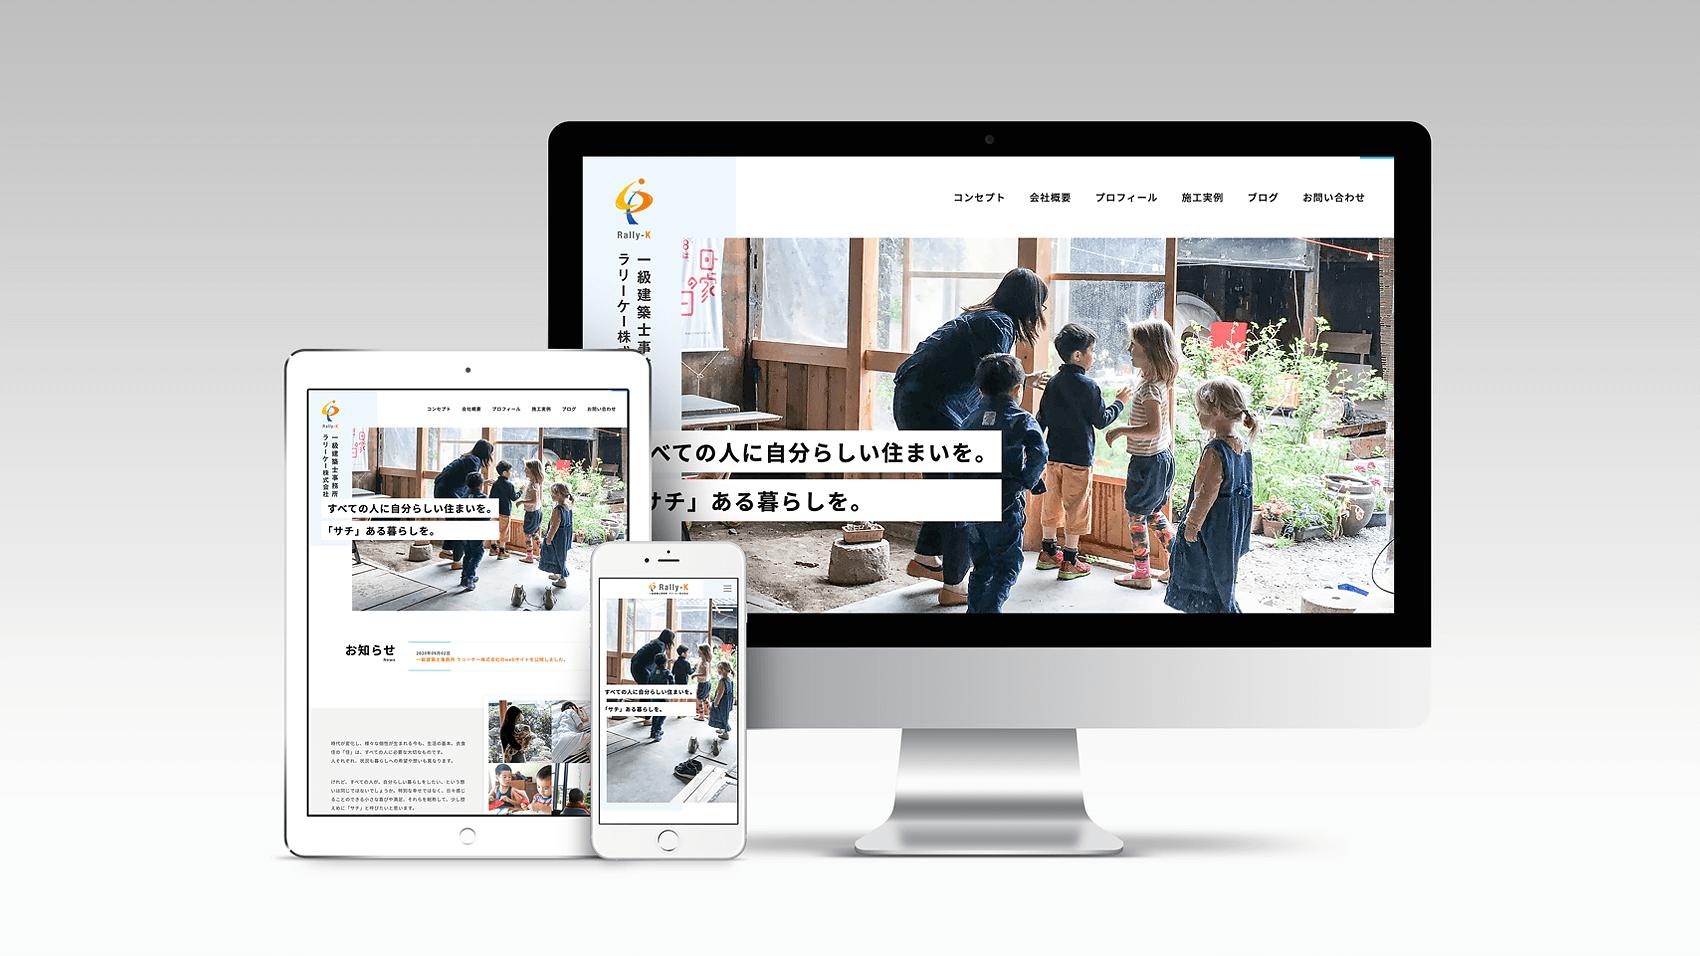 一級建築士事務所 ラリーケー株式会社のwebサイト